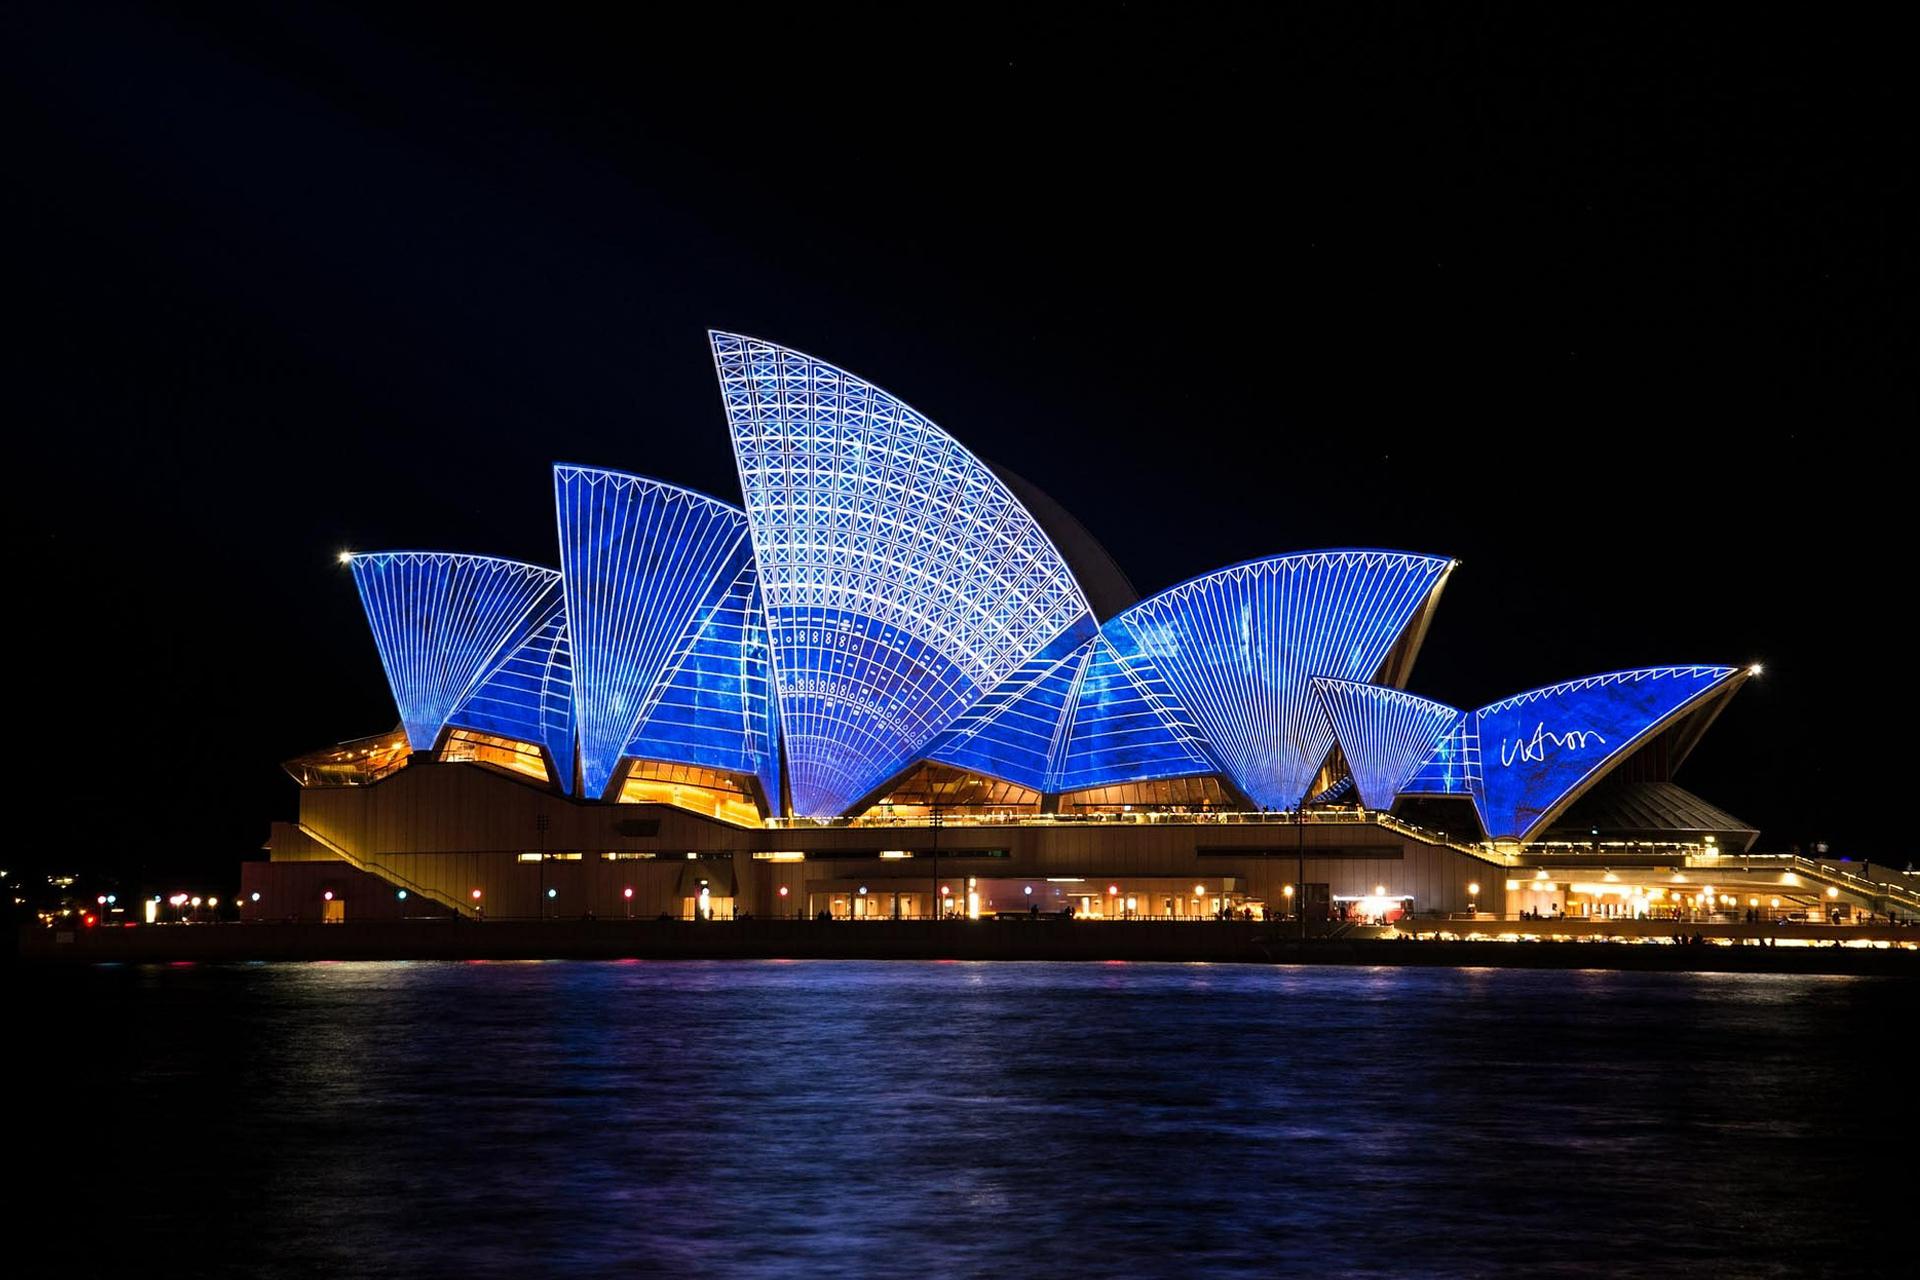 australie rondreizen vergelijken